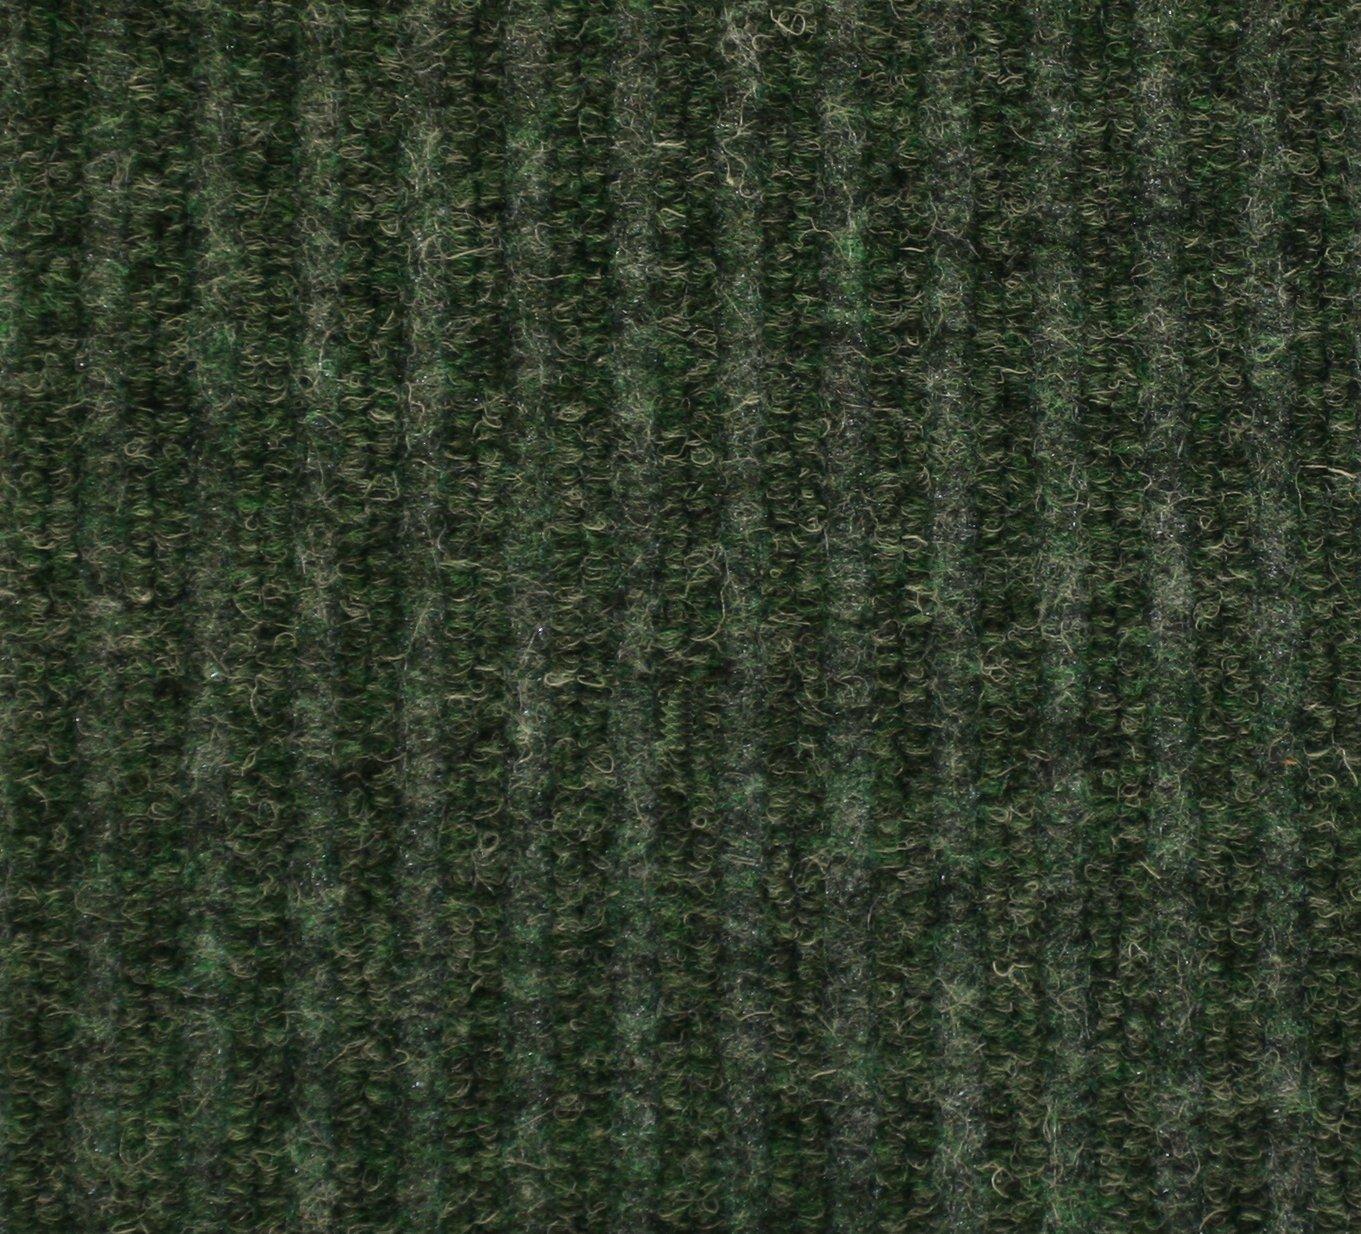 Vinyl//Polypropylene 4x8 Guardian Golden Series Dual-Rib Indoor Wiper Floor Mat Green